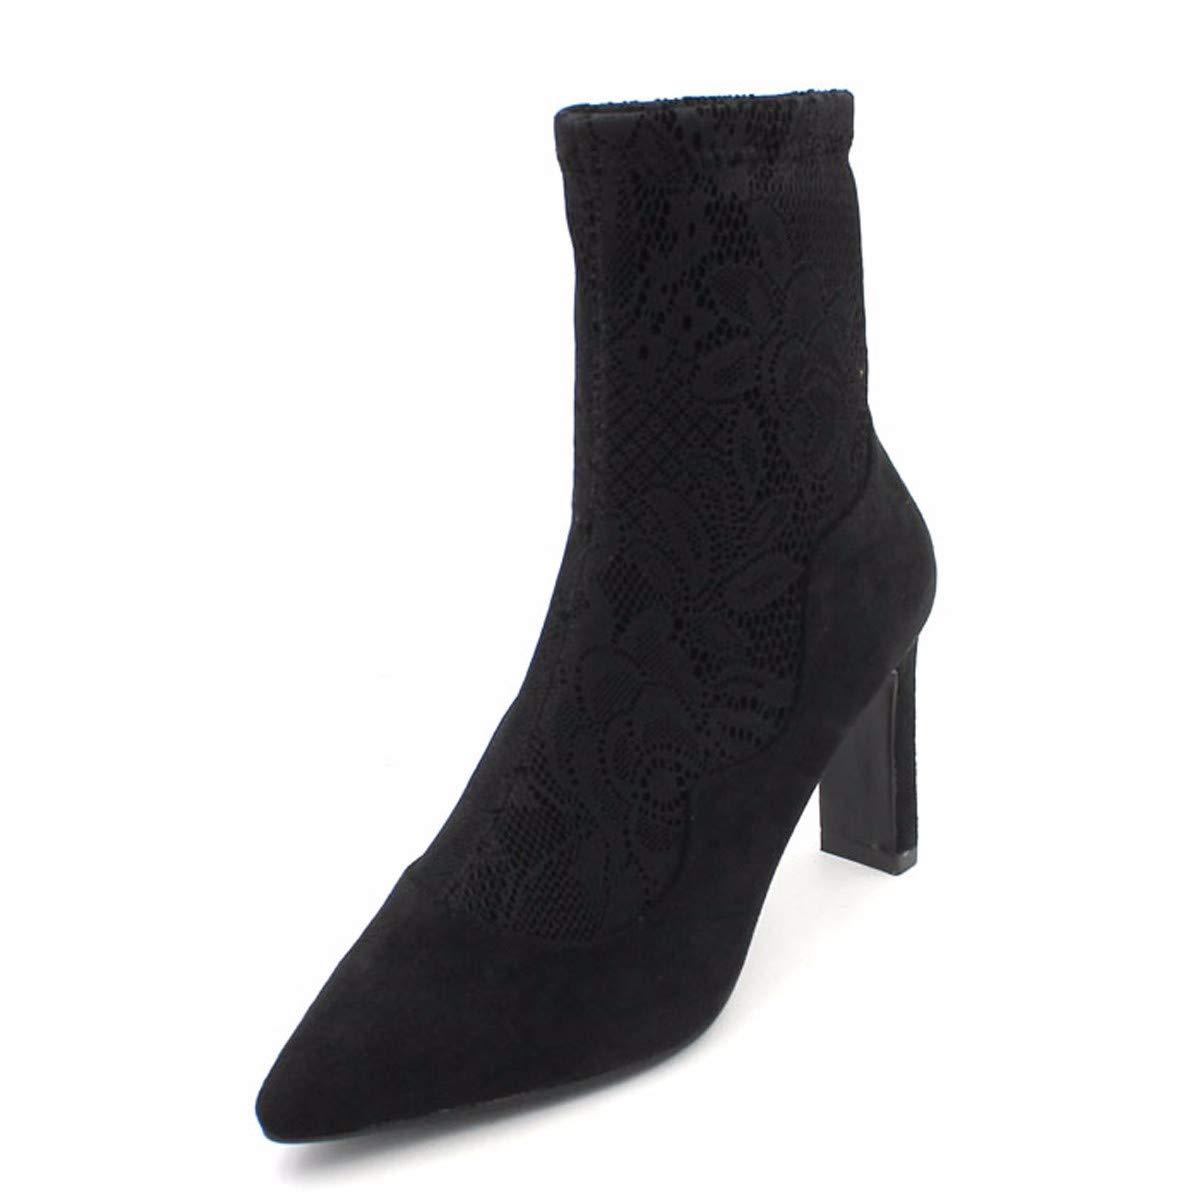 HBDLH Damenschuhe Das Dünne Dünne Dünne Stiefel Heel 8Cm Spitzen Mit Stiefeln Dicken Absätzen Spitze Kurze Stiefel a3eef2